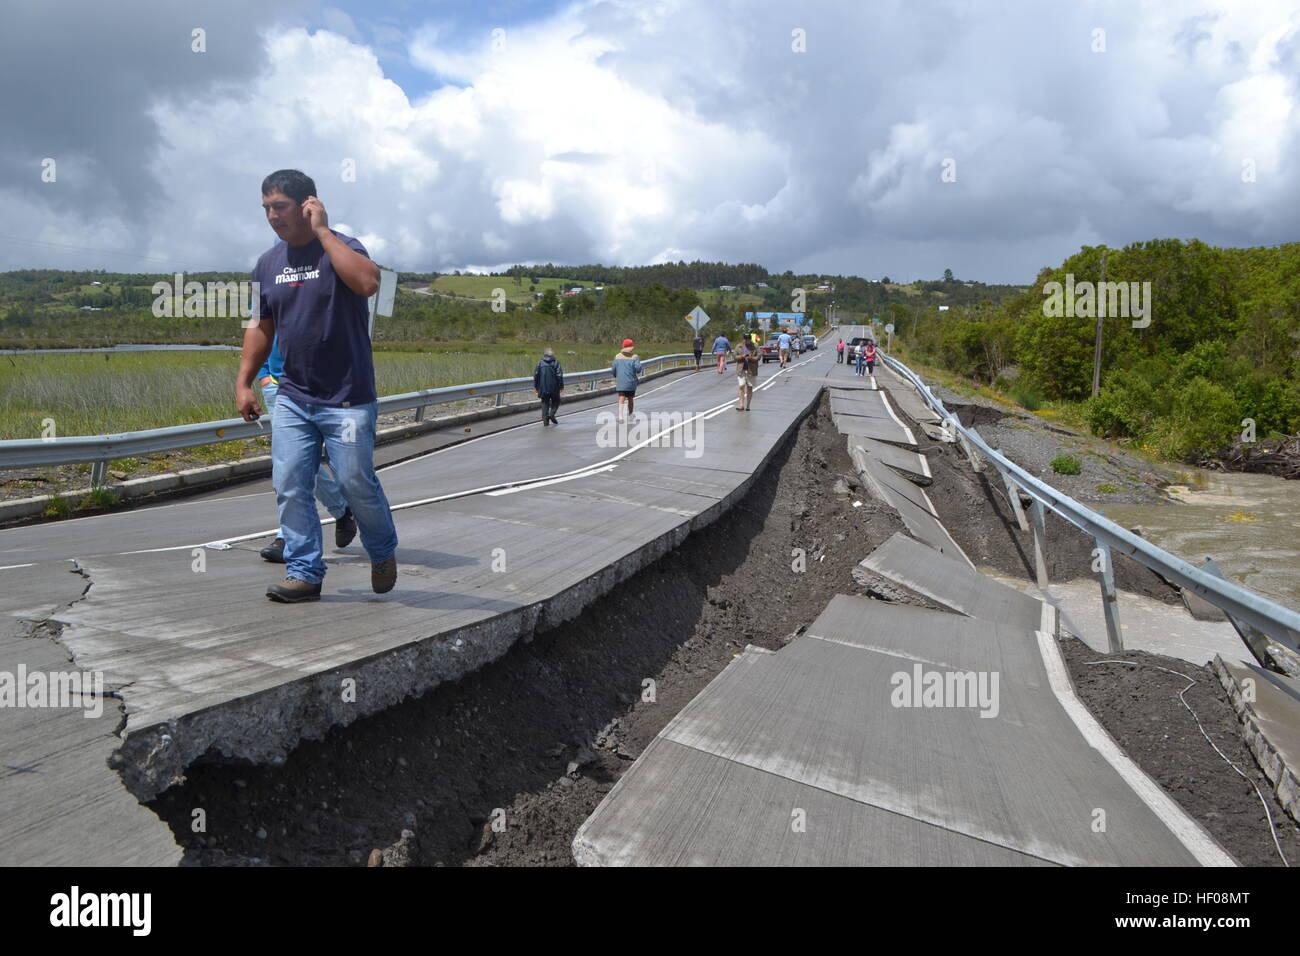 Provincia di Chiloe, Cile. 25 dicembre, 2016. Le persone camminano sulla Highway 5 dopo un terremoto nella provincia Immagini Stock